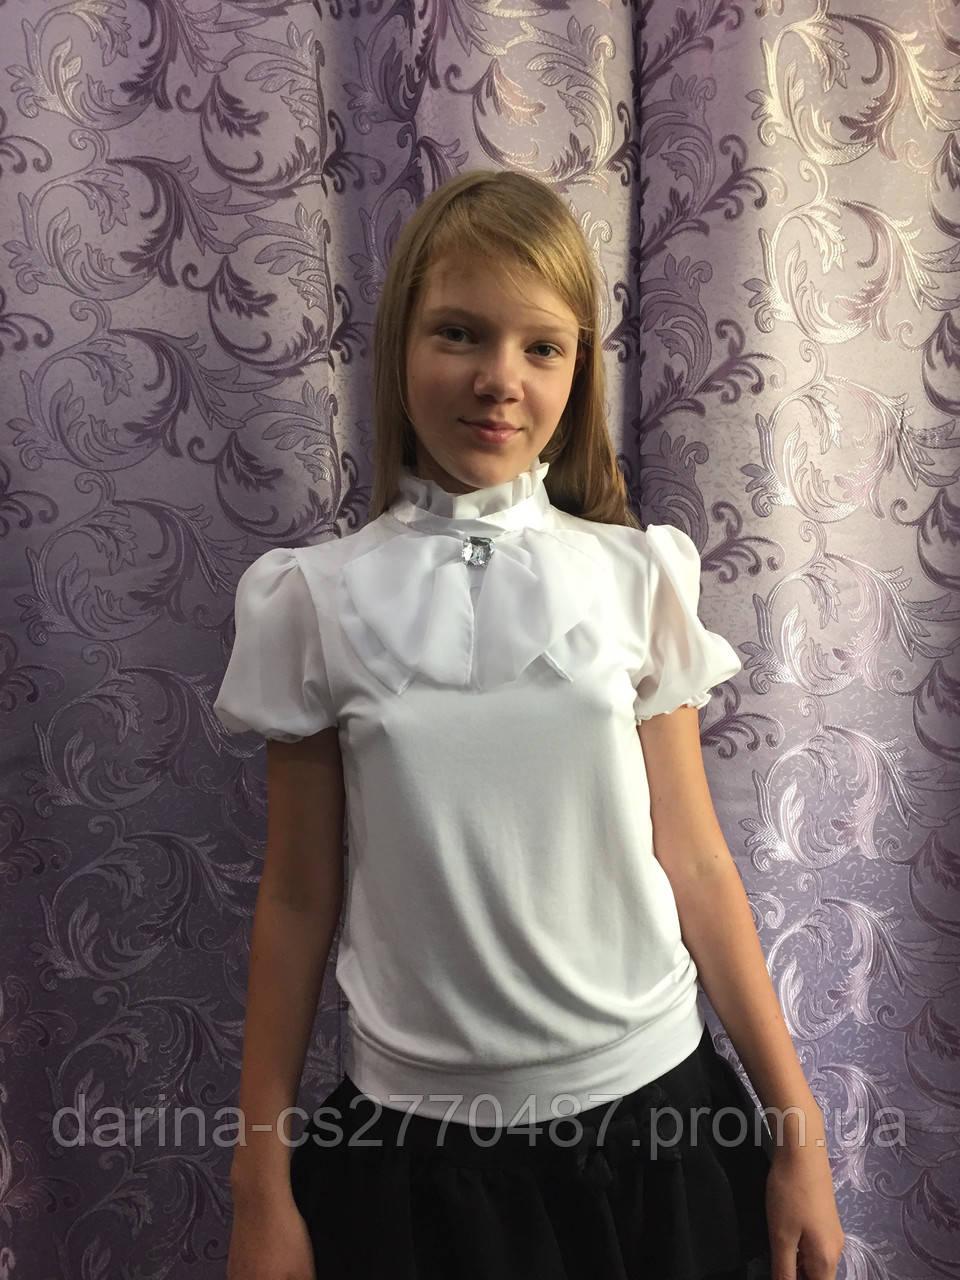 04aeb0e8d20 Нарядная белая блузка для девочки - Дарина - интернет магазин детской и мужской  одежды. в